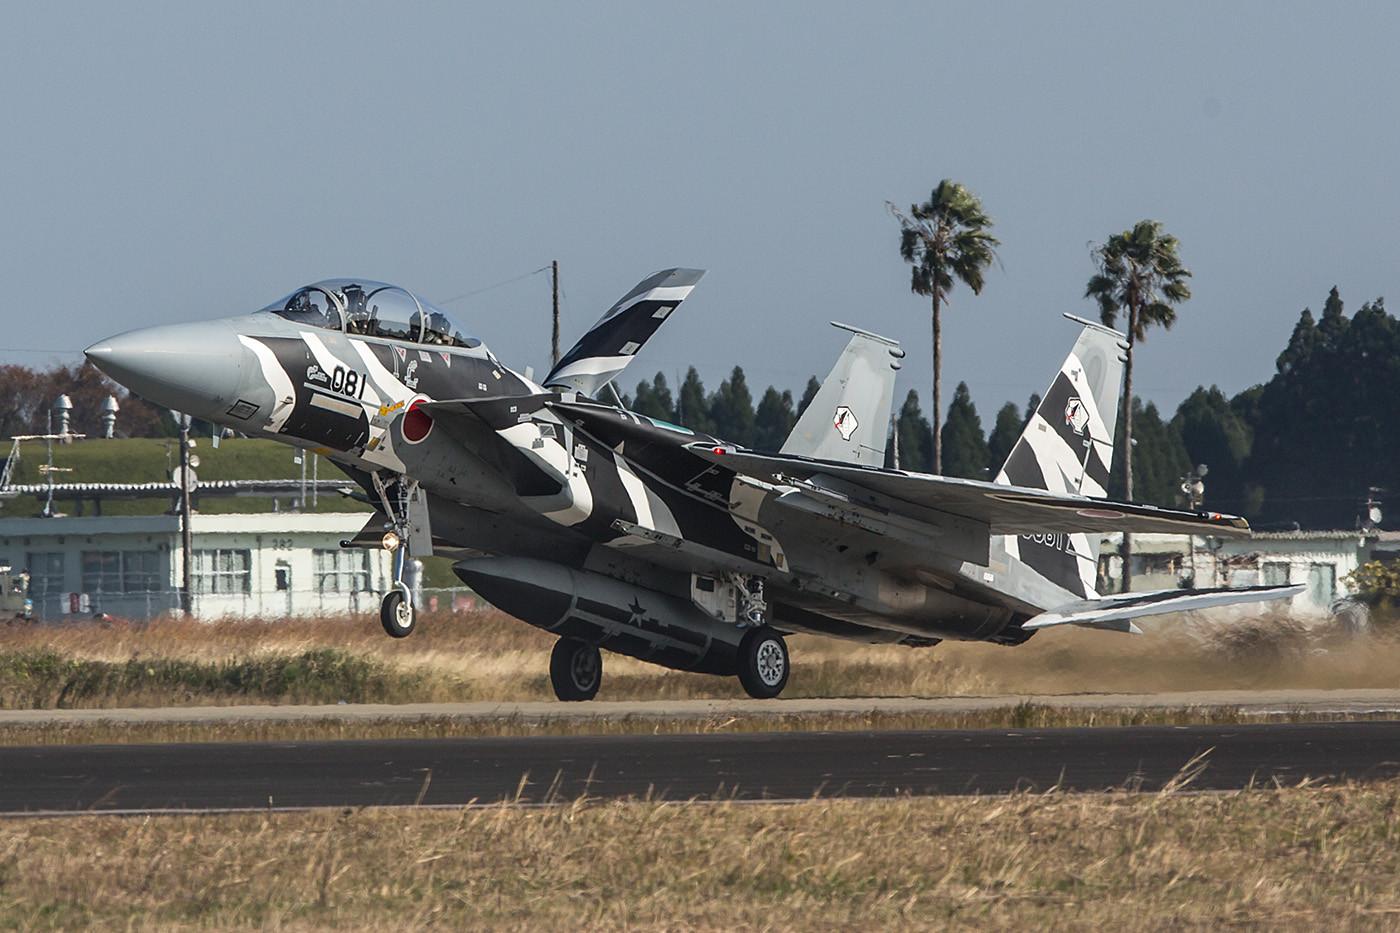 Mit der F-15 kann man sehr elegant bremsen, einfach Nase oben lassen bis der Auftrieb weg ist.